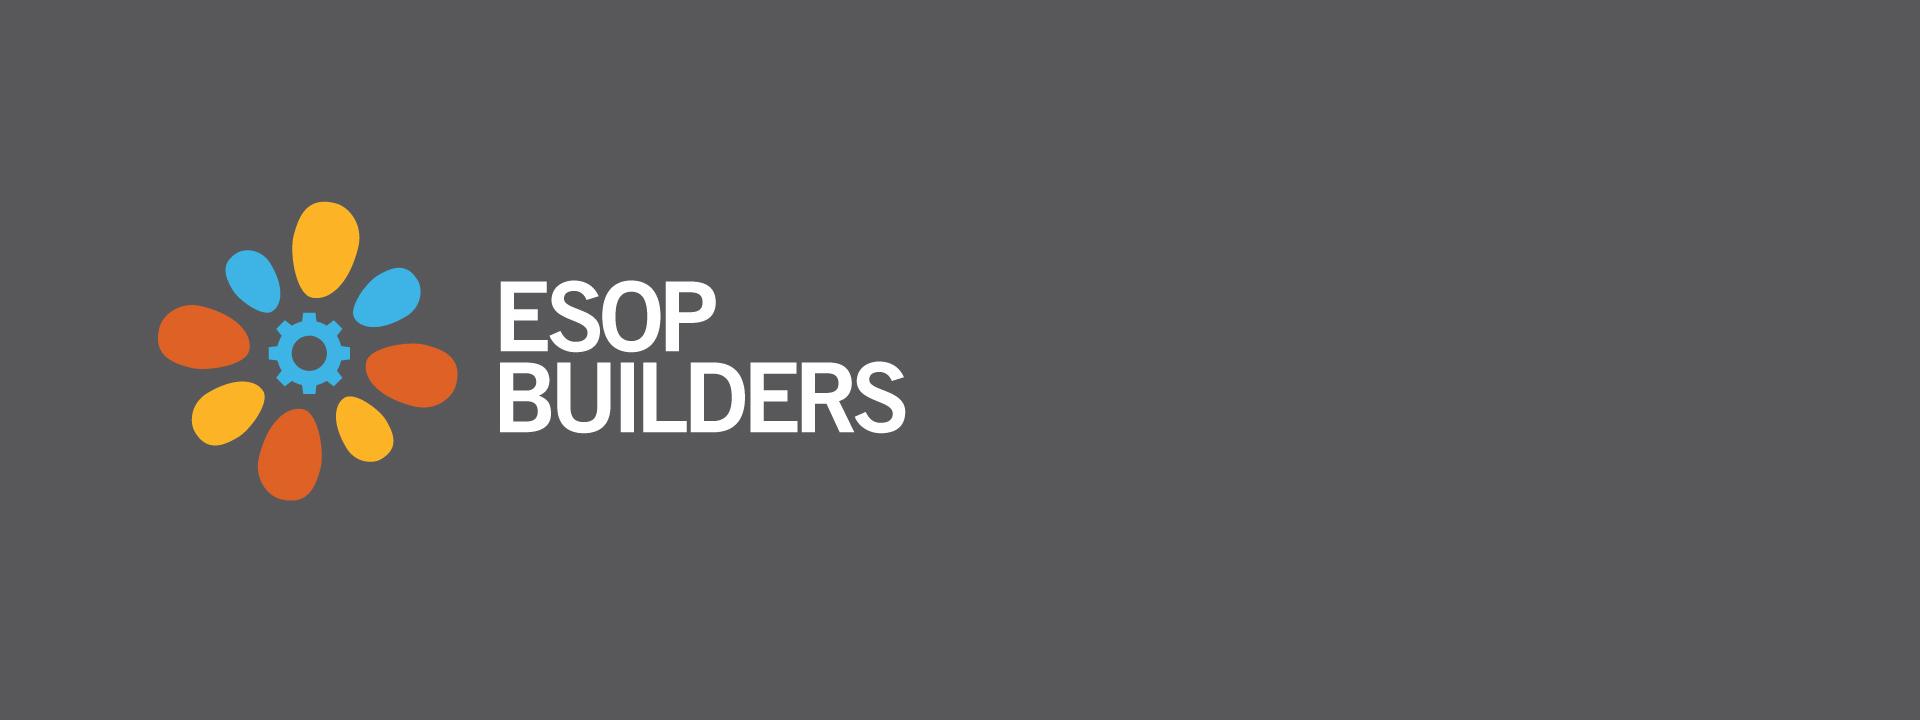 ESOP Builders